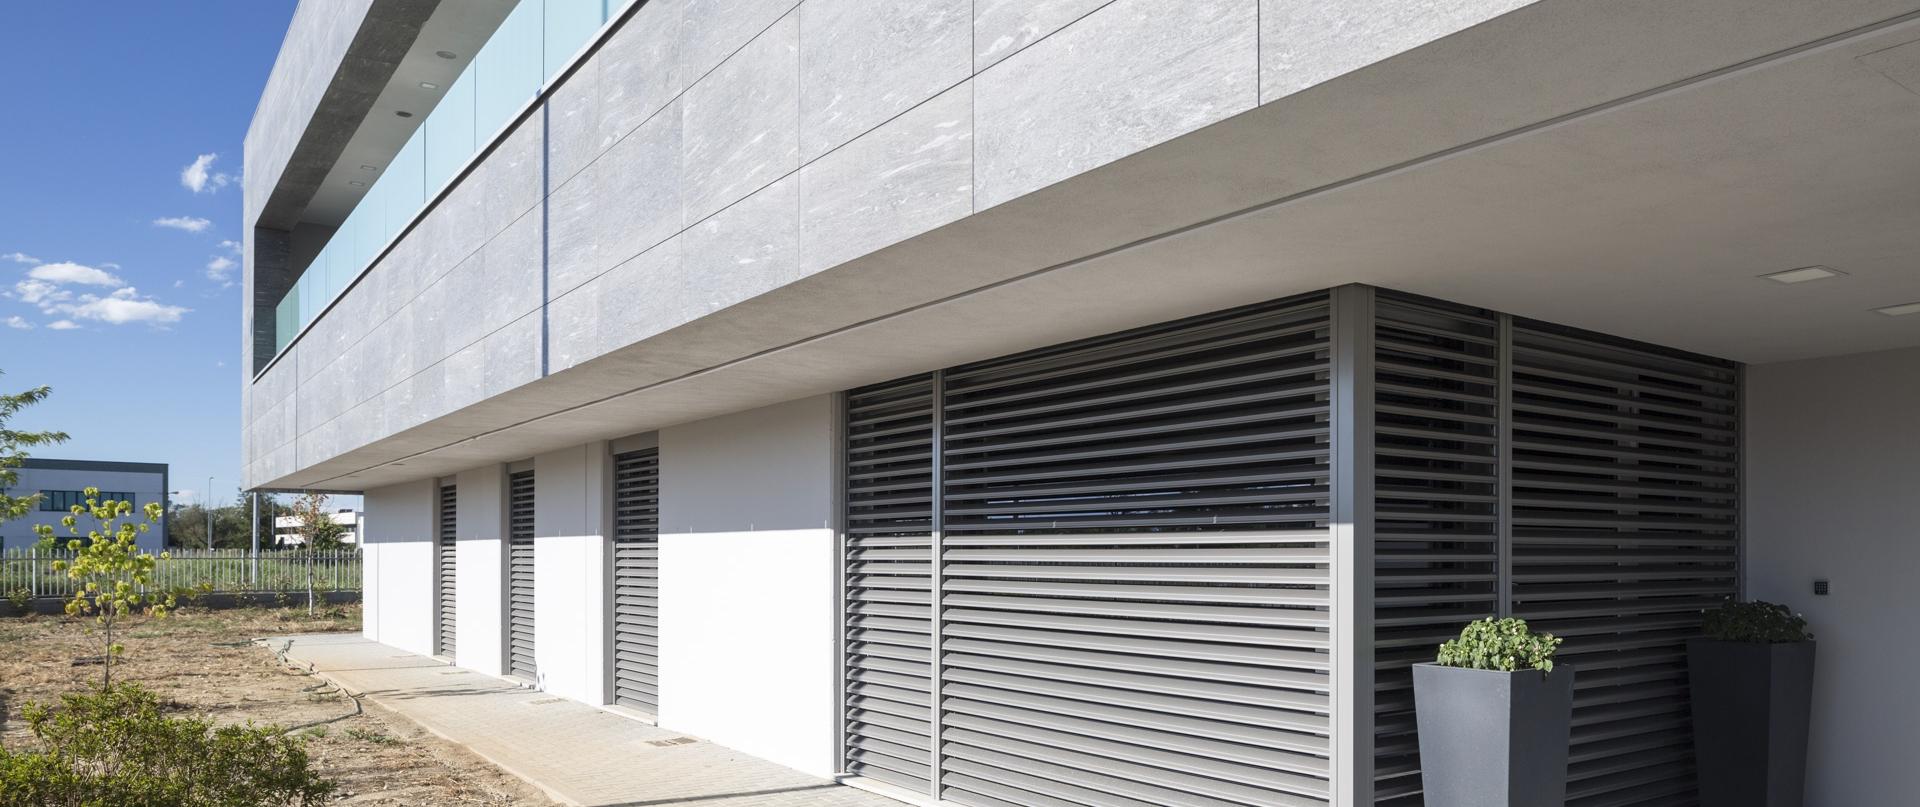 Store extérieur Metalunic toulouse